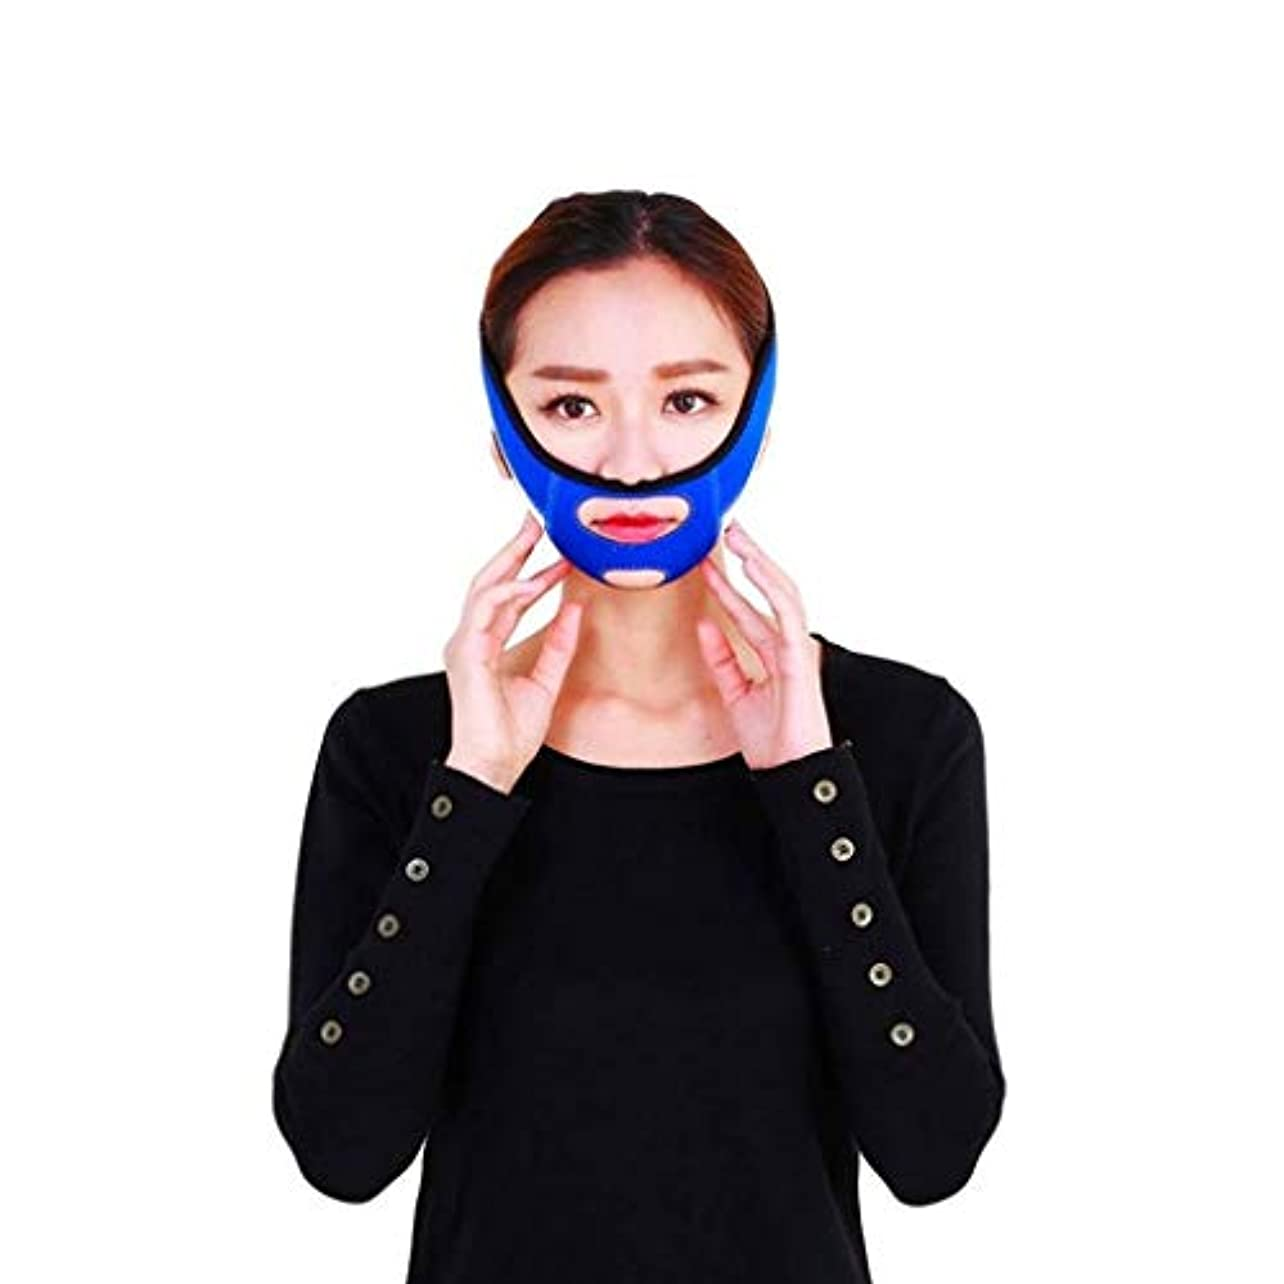 敬主張参照するVフェイスラインベルトチンチークスリムリフトアップアンチリンクルマスク超薄型ストラップバンドVフェイスラインベルトストラップバンド通気性